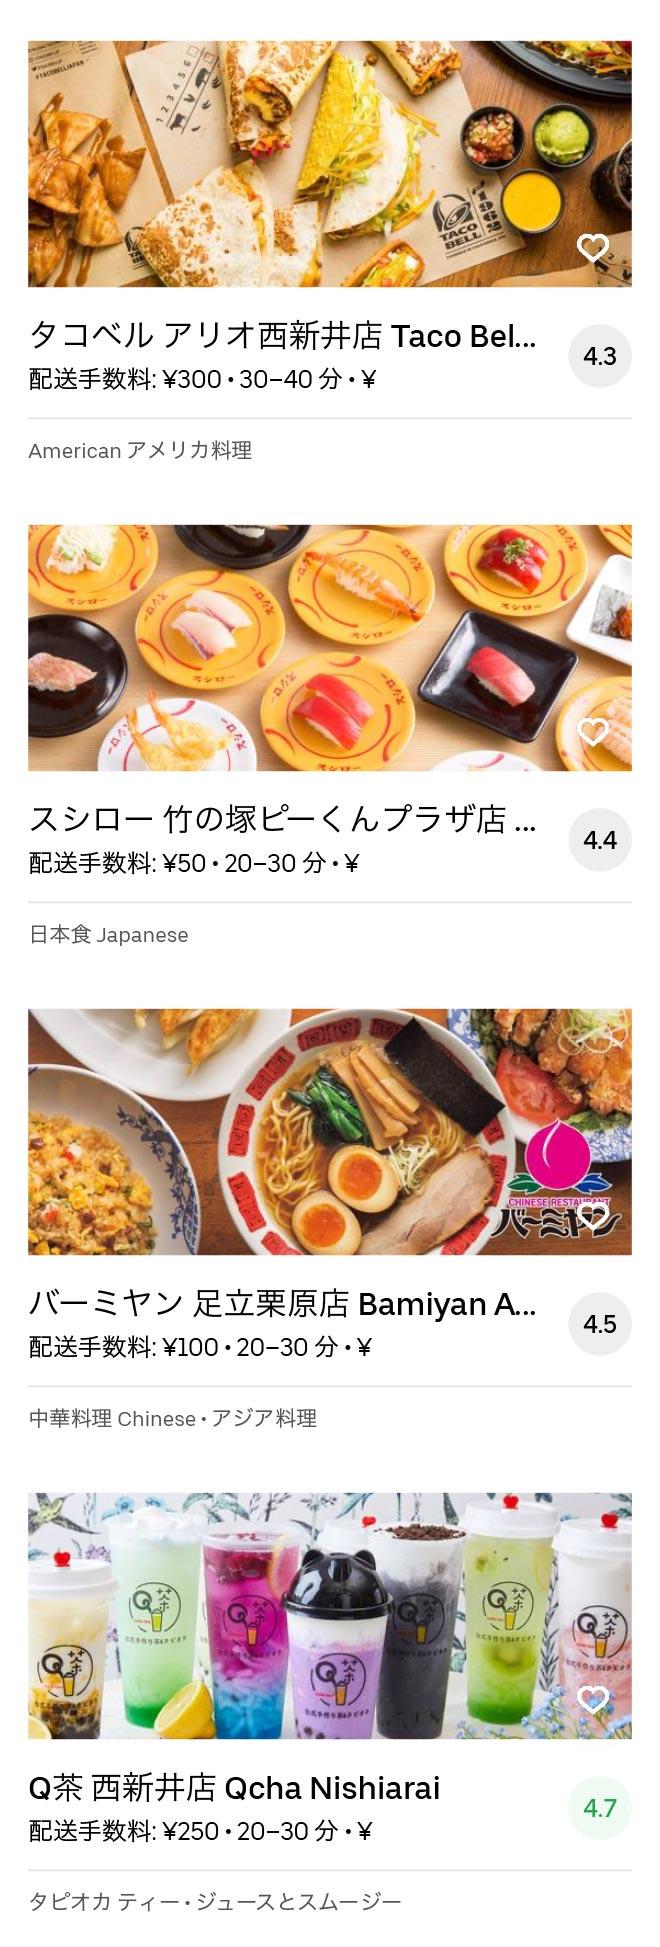 Tokyo takenotsuka menu 2005 04